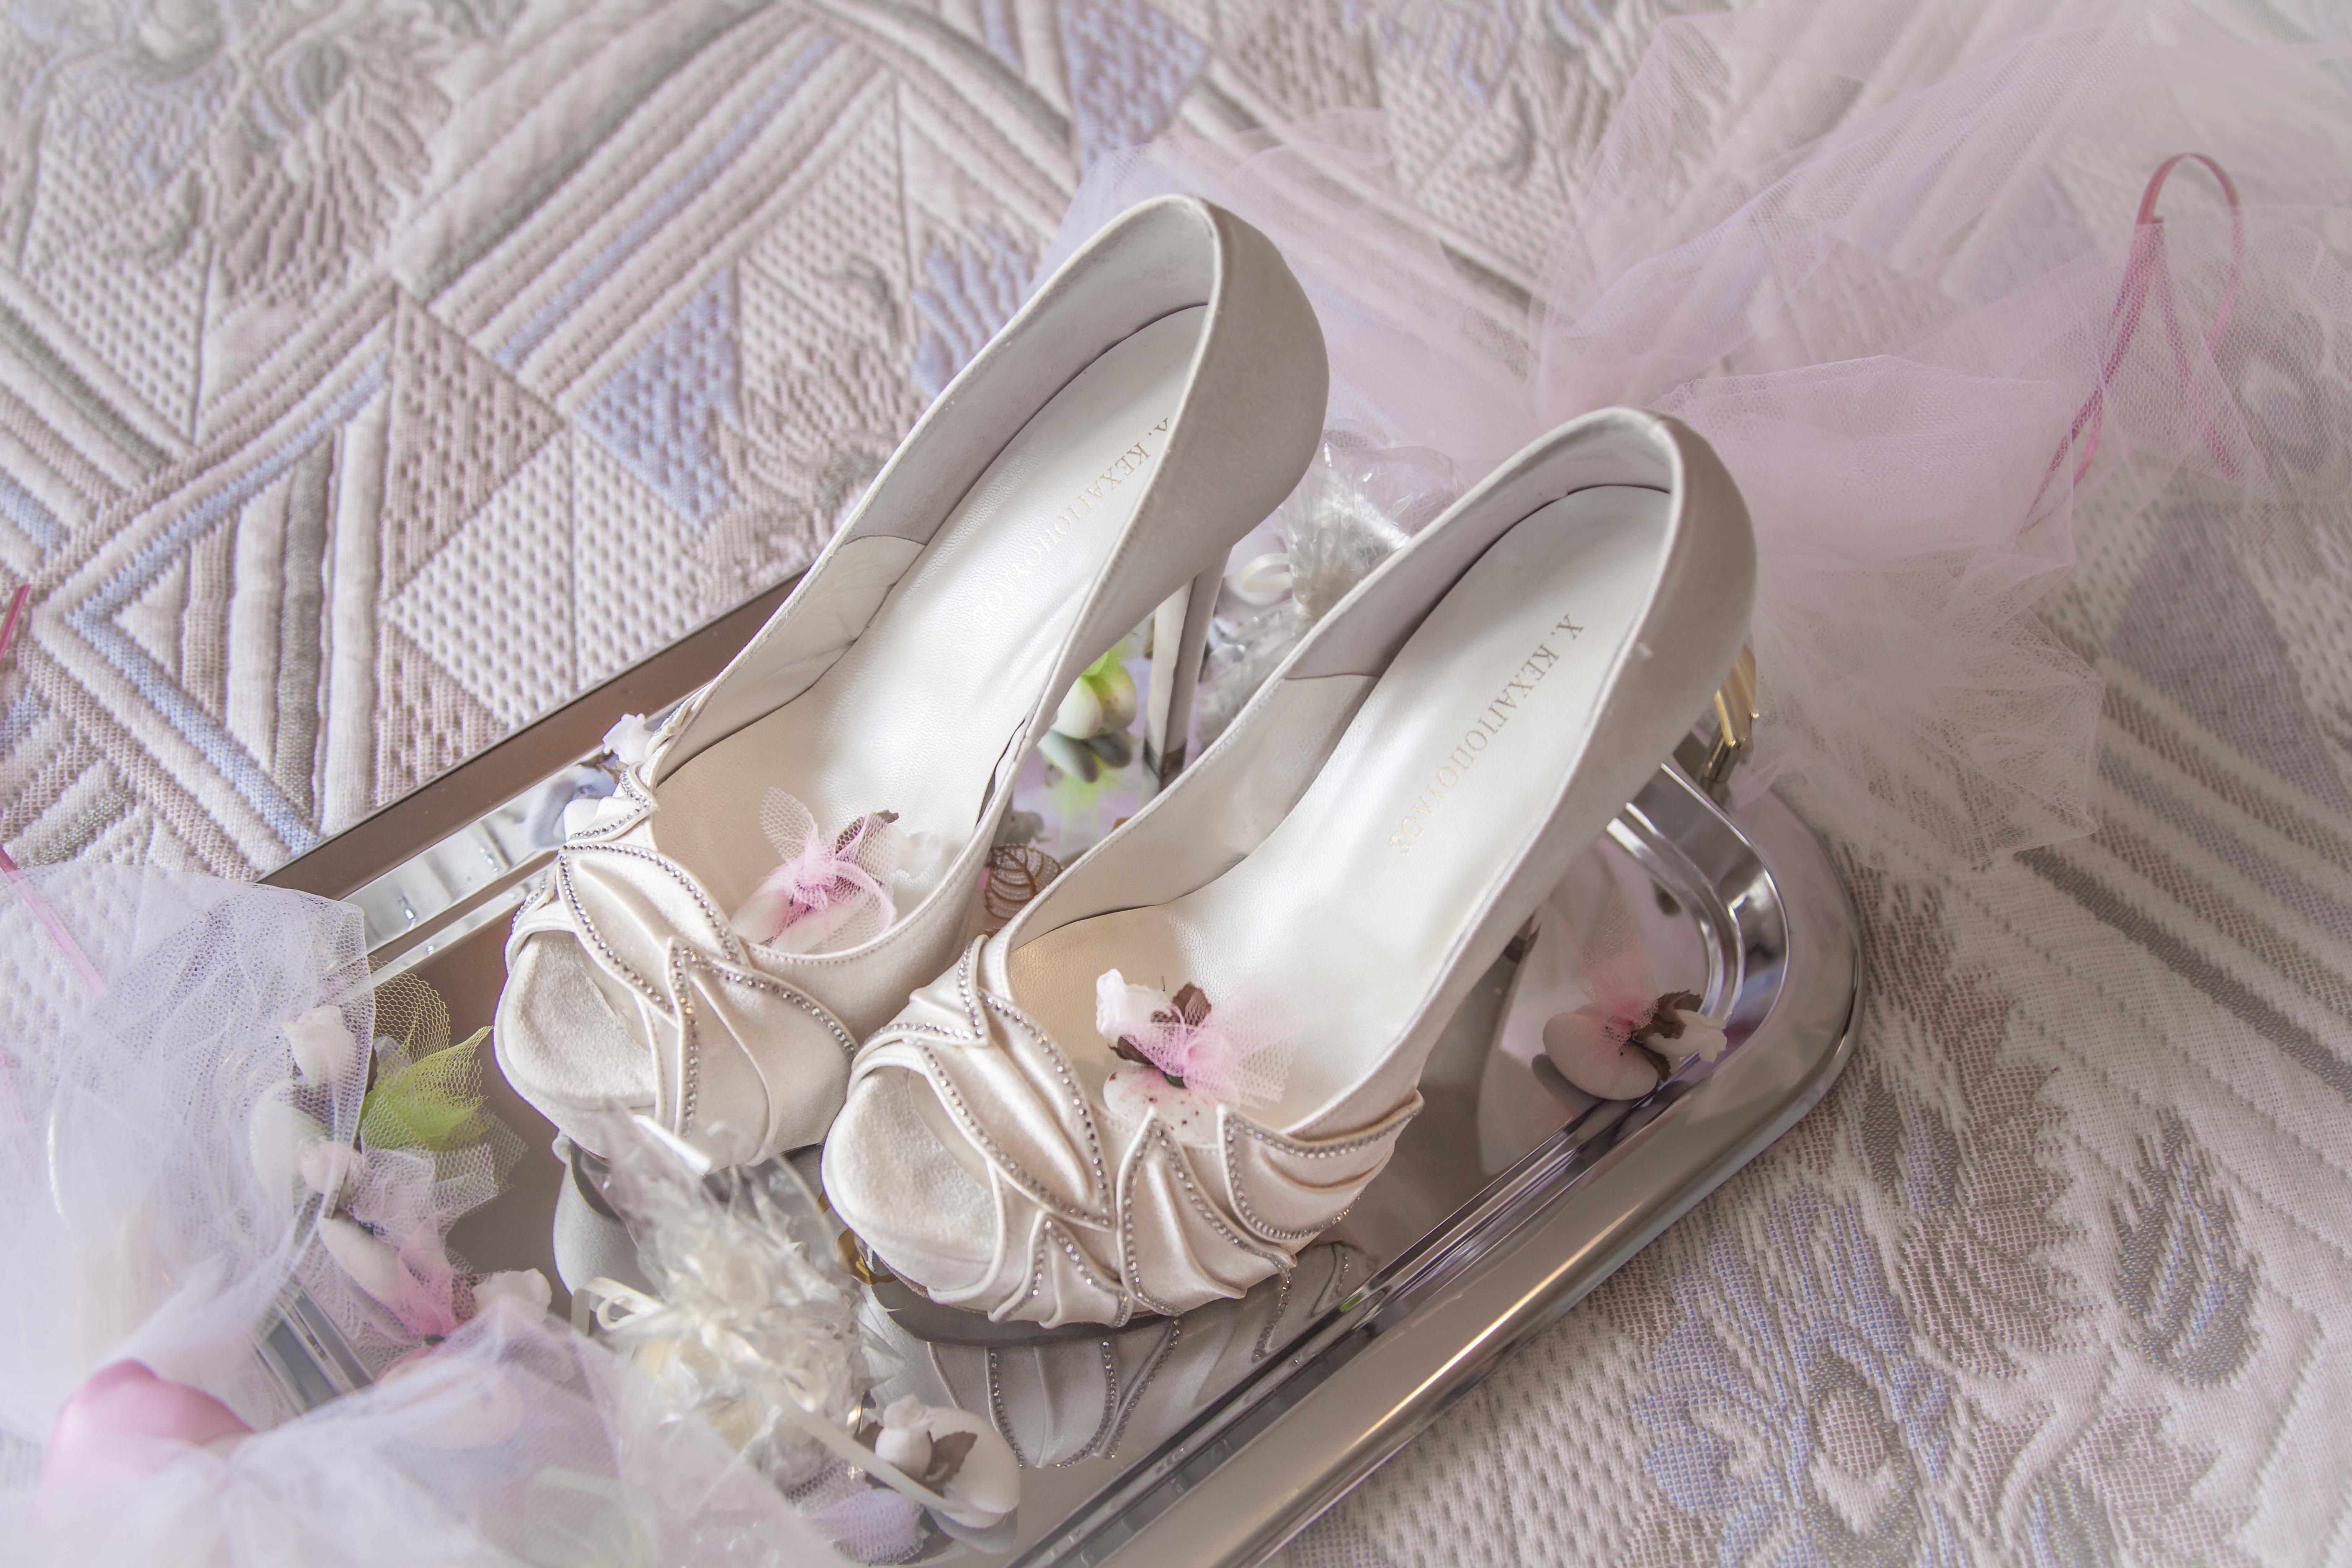 Gambar Sepatu Wanita Putih Dekorasi Berwarna Merah Muda Gaun